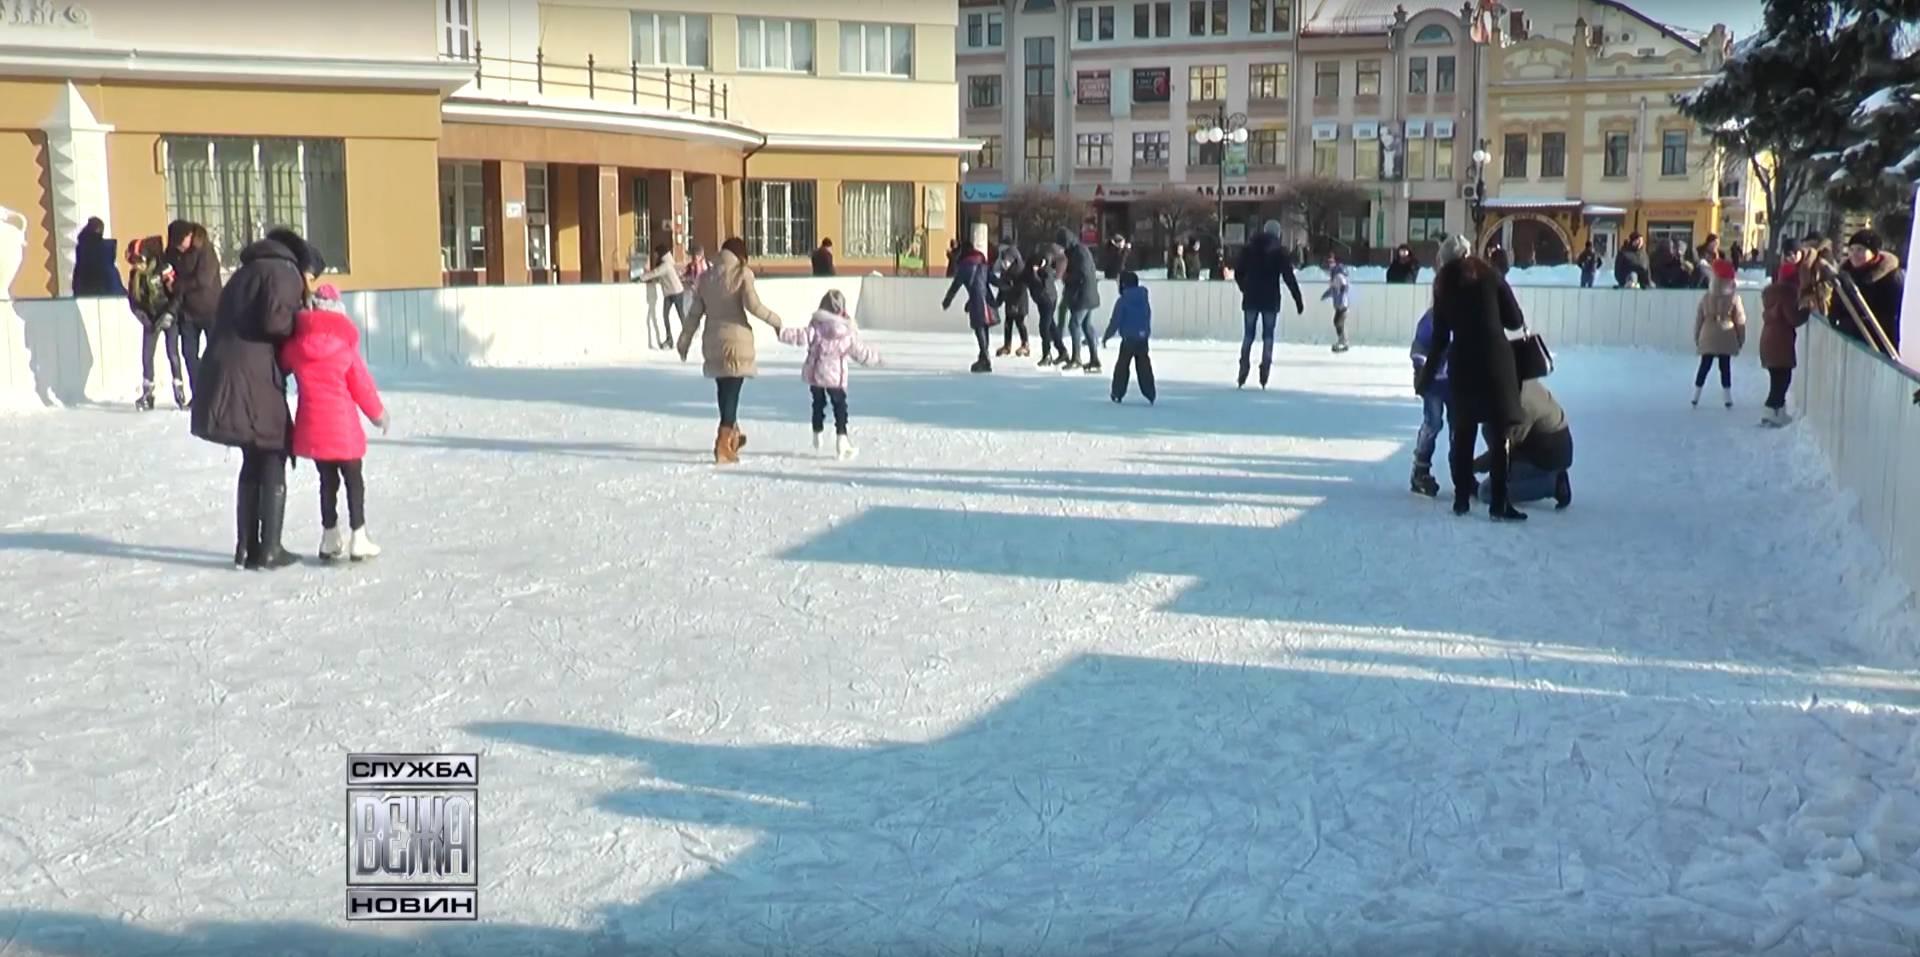 Іванофранківці поспішають на  льодову арену під відкритим небом (ВІДЕО)